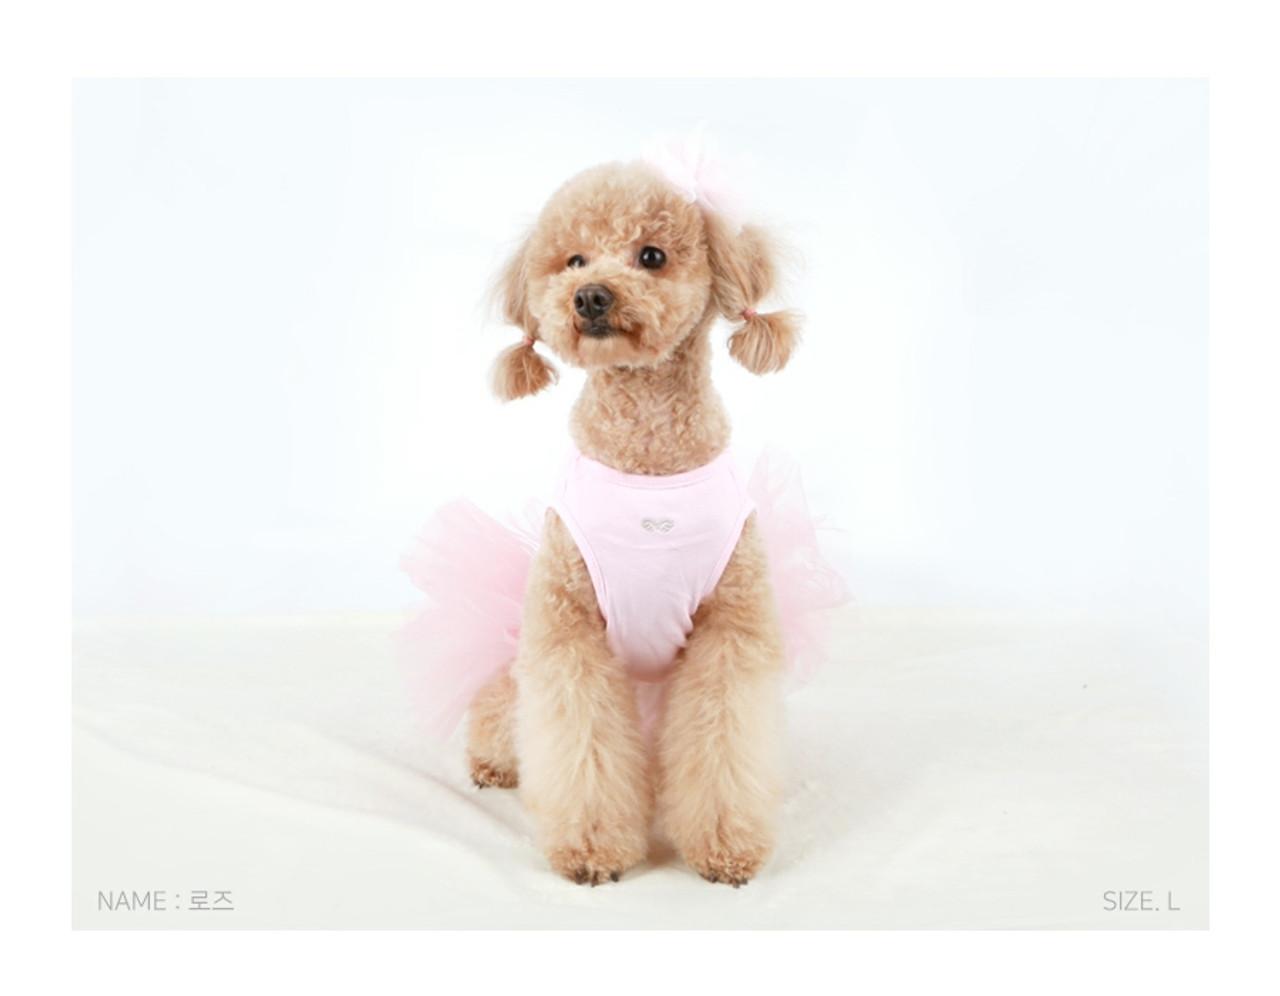 Puppy Angel Tutu Dog Dress Pink 1 Puprwear Doggie Couture